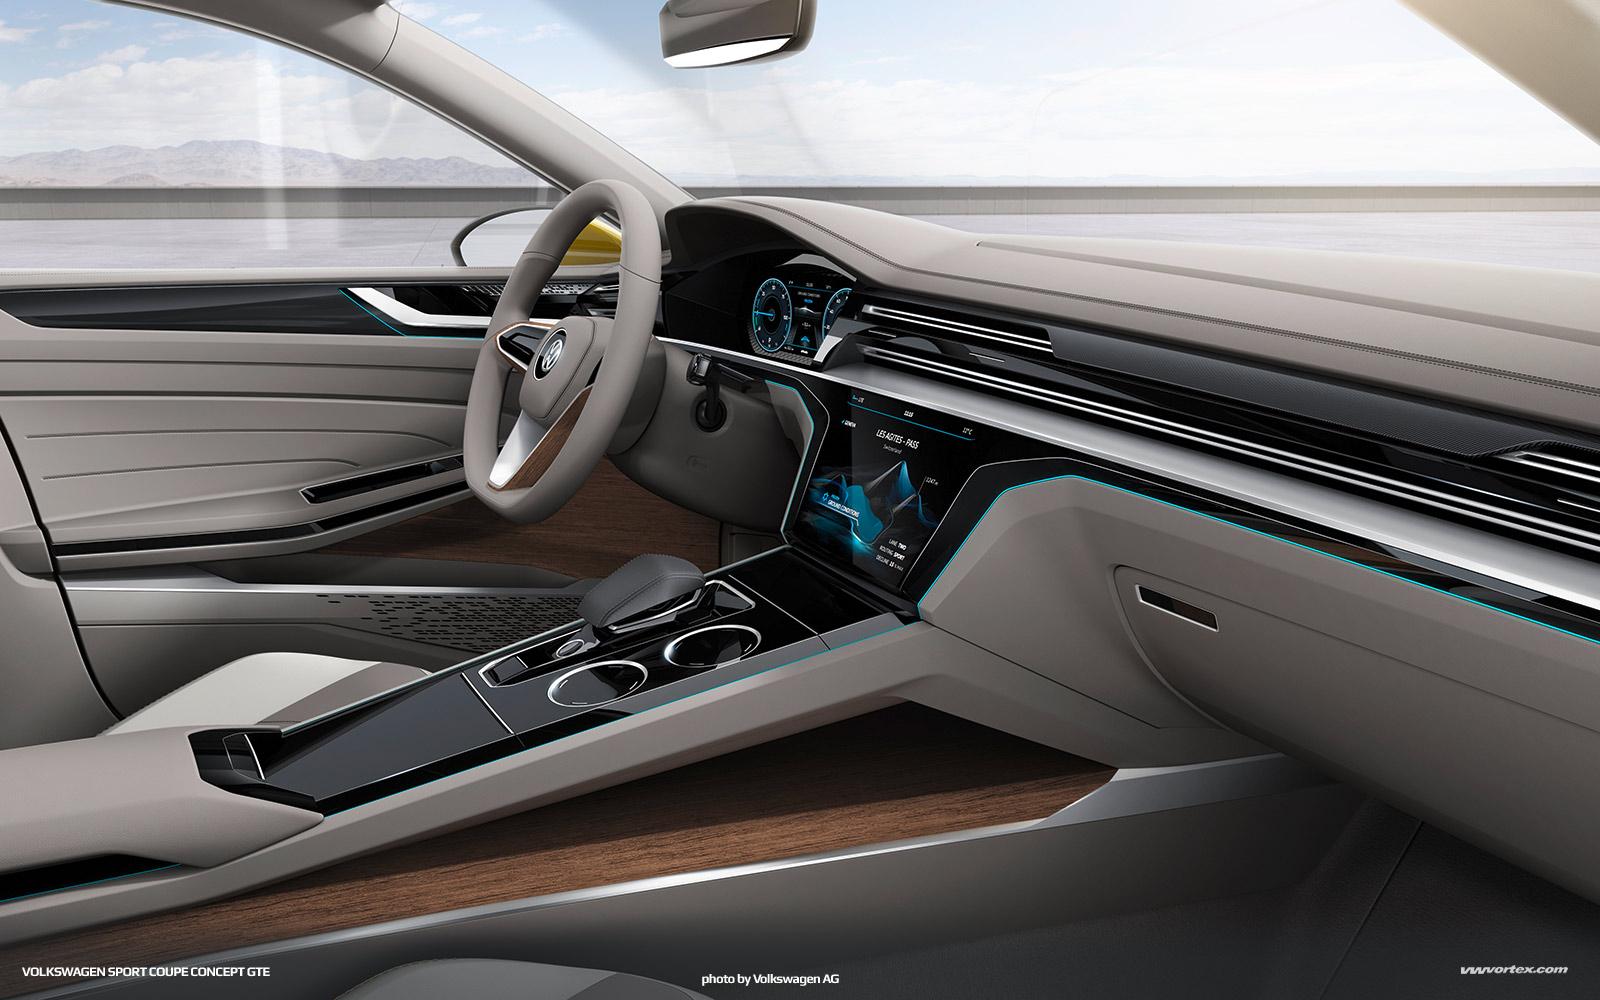 VW_Sport_Coupe_Concept_GTE_INT_004_01